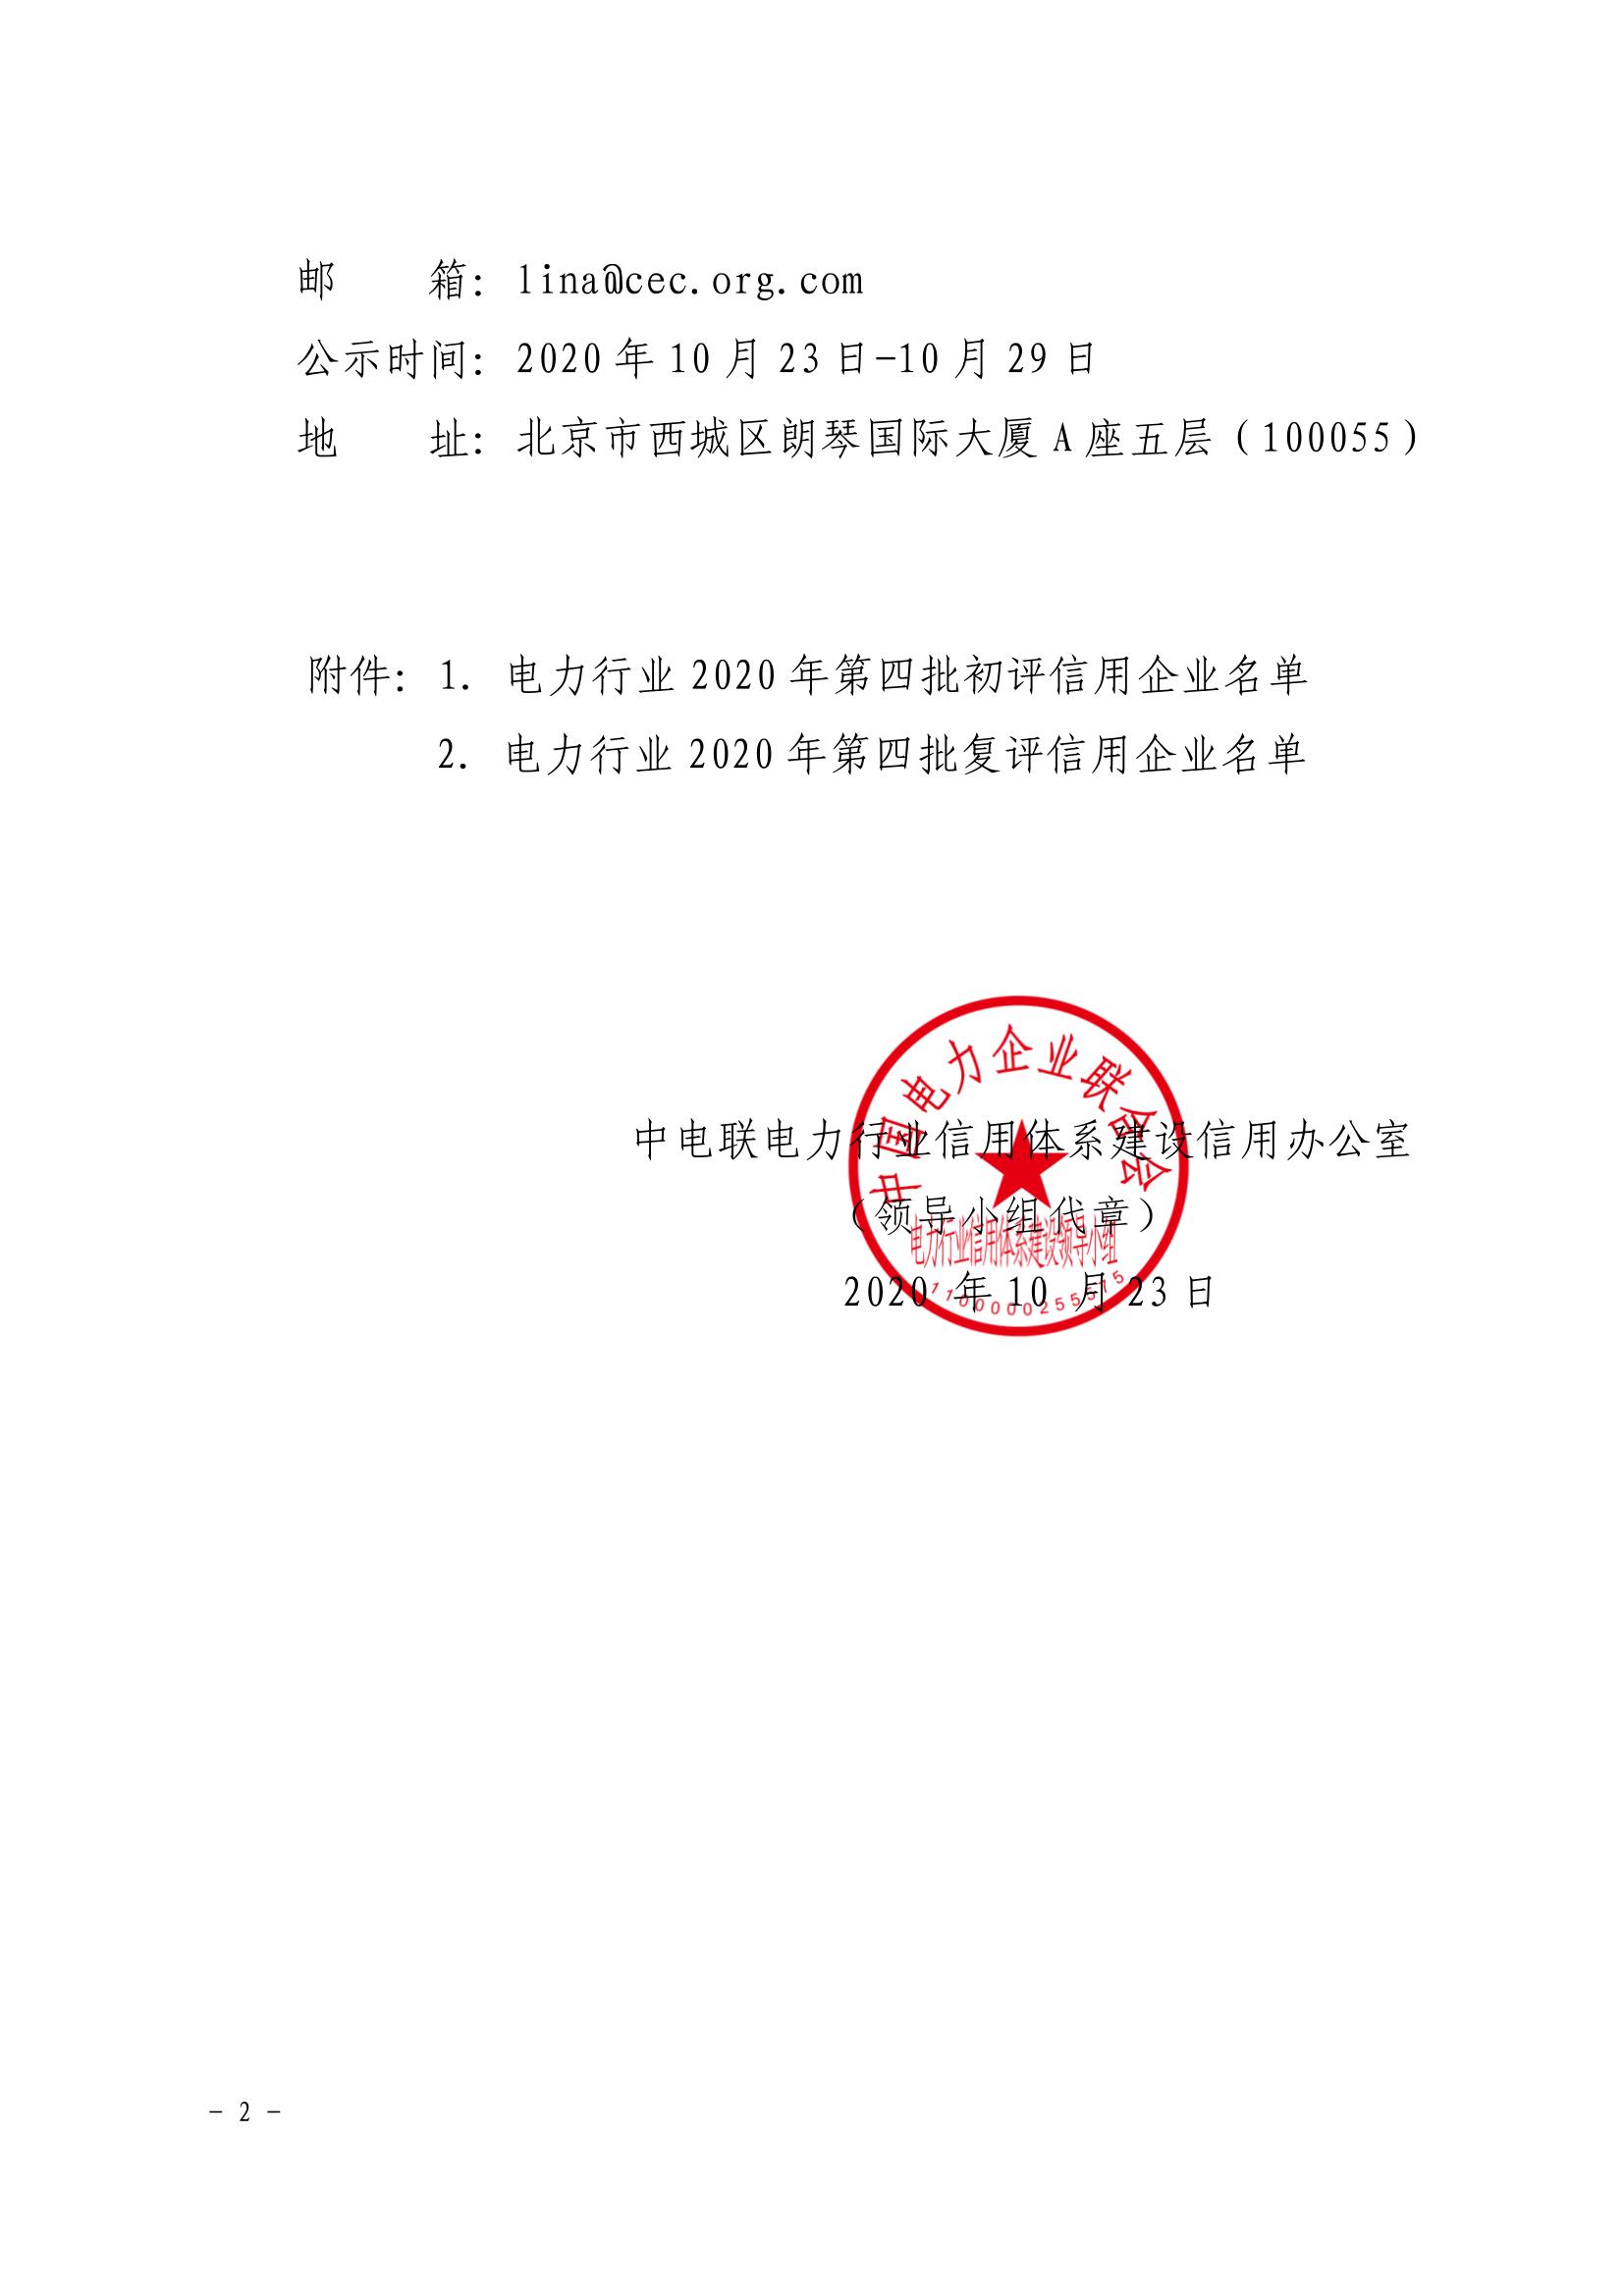 关于公示电力行业2020年第四批初评及复评信用企业评价结果的通知(中电联信用〔2020〕14号)_2.png